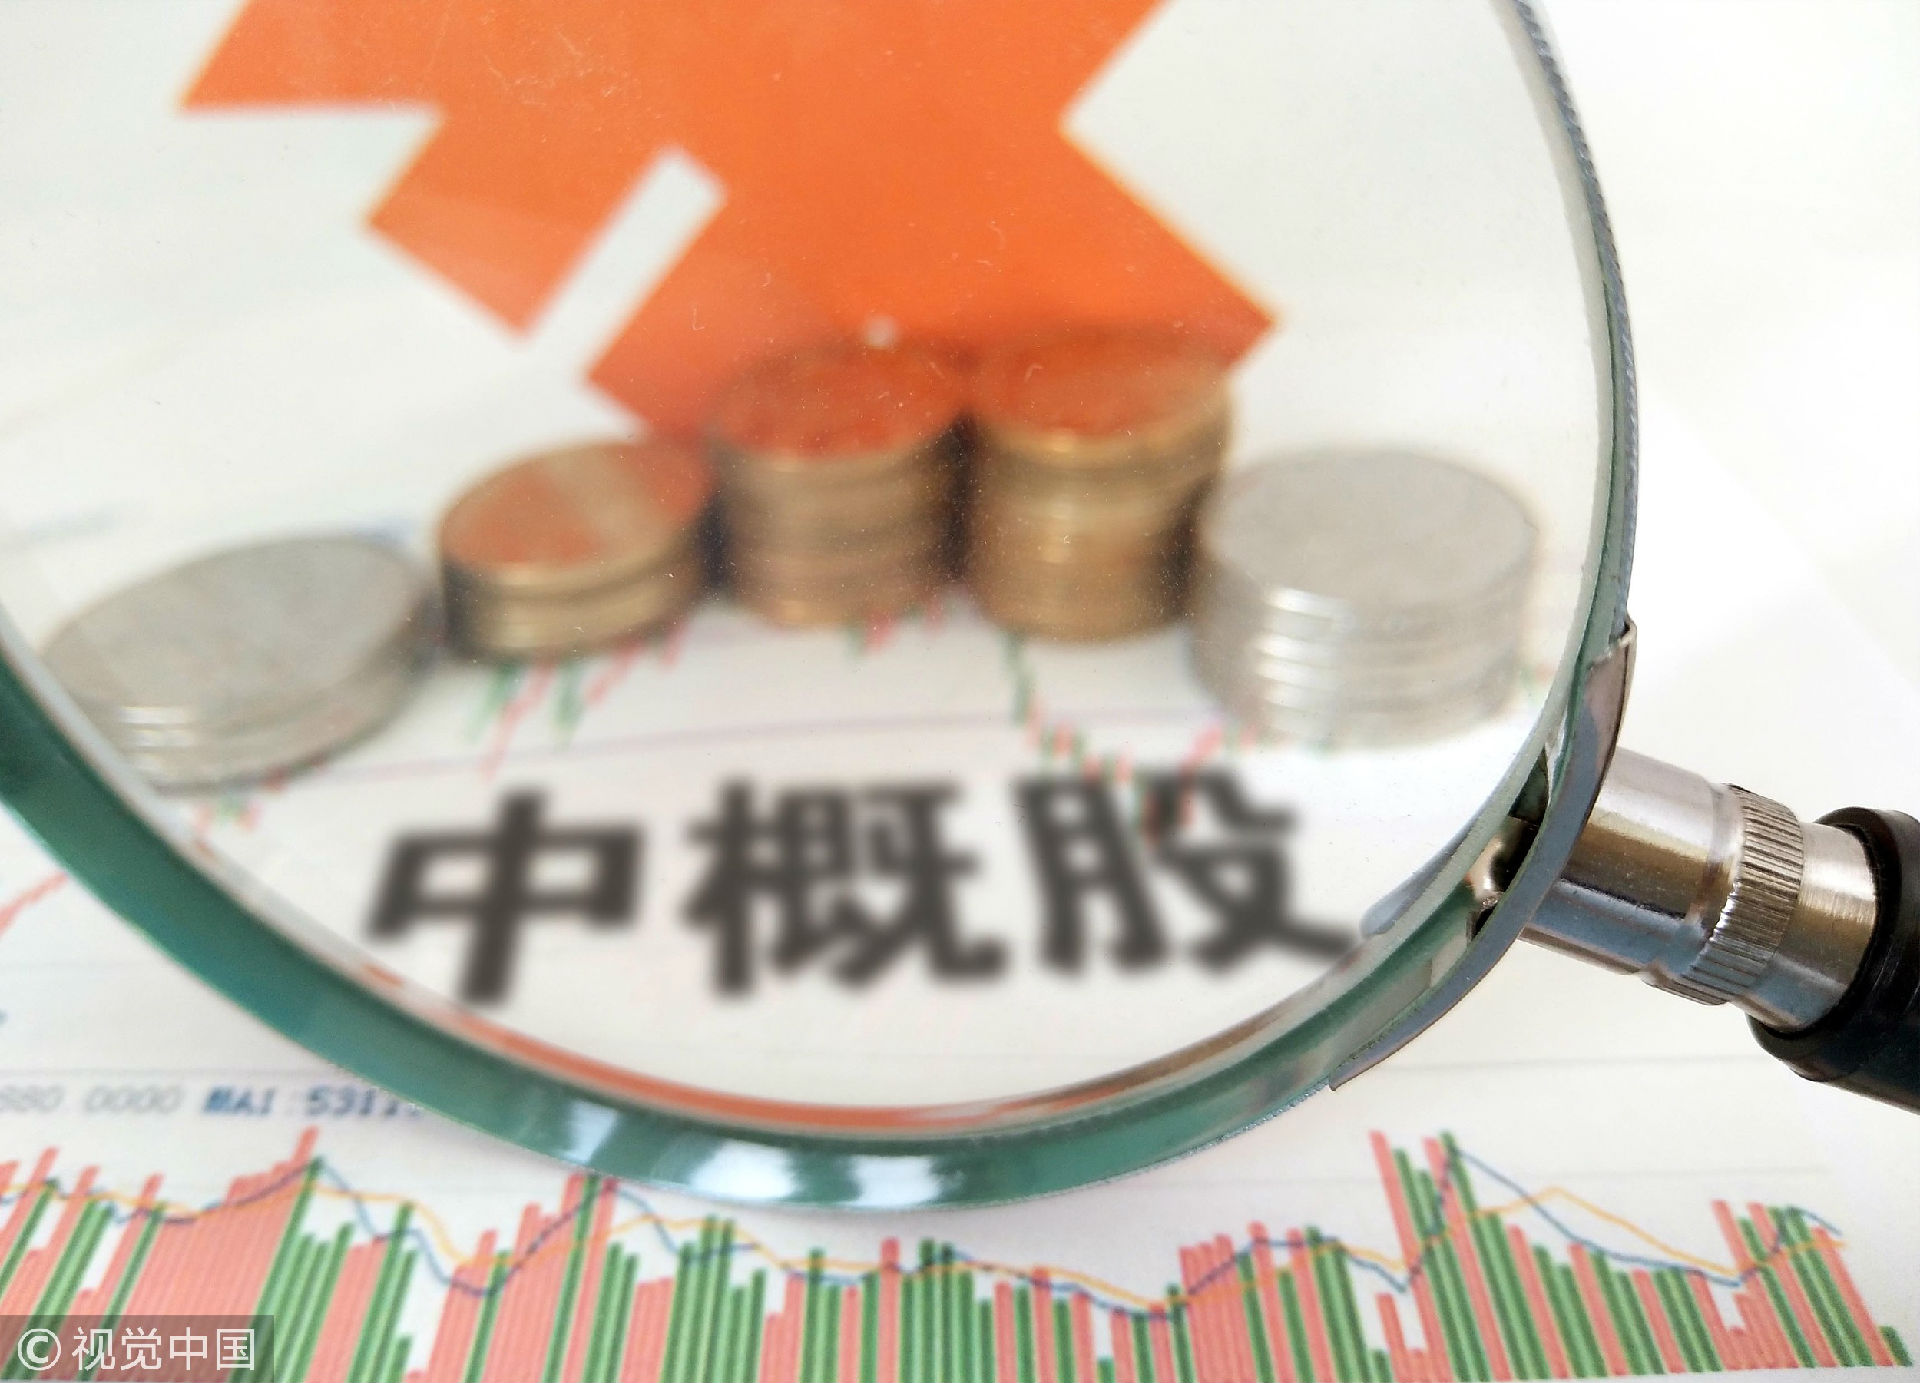 中概股周三大跌:阿里创52周新低,百度创年内新低